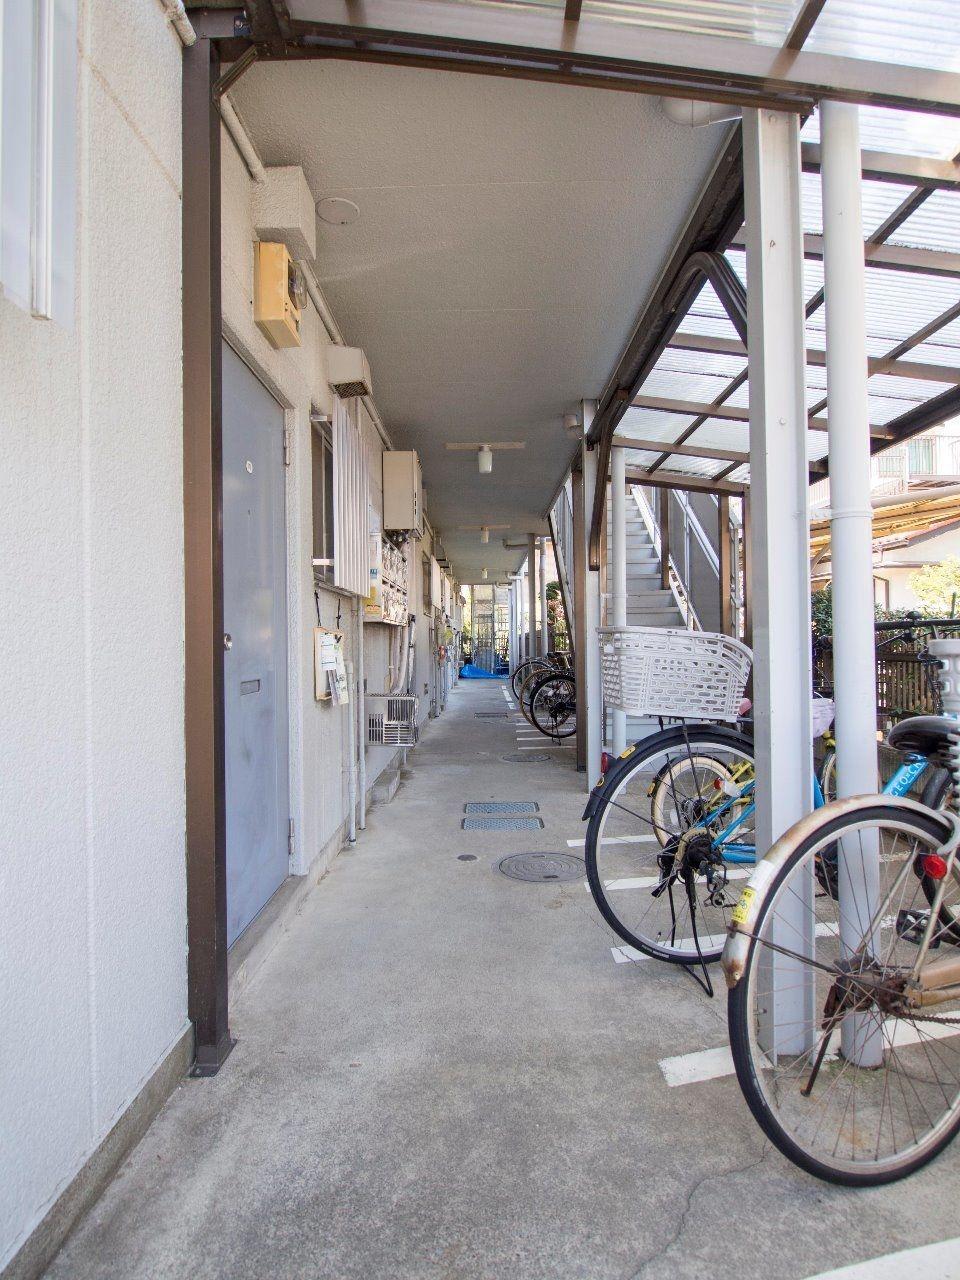 整理整頓された共用部分は入居者のマナーの良さを感じさせます